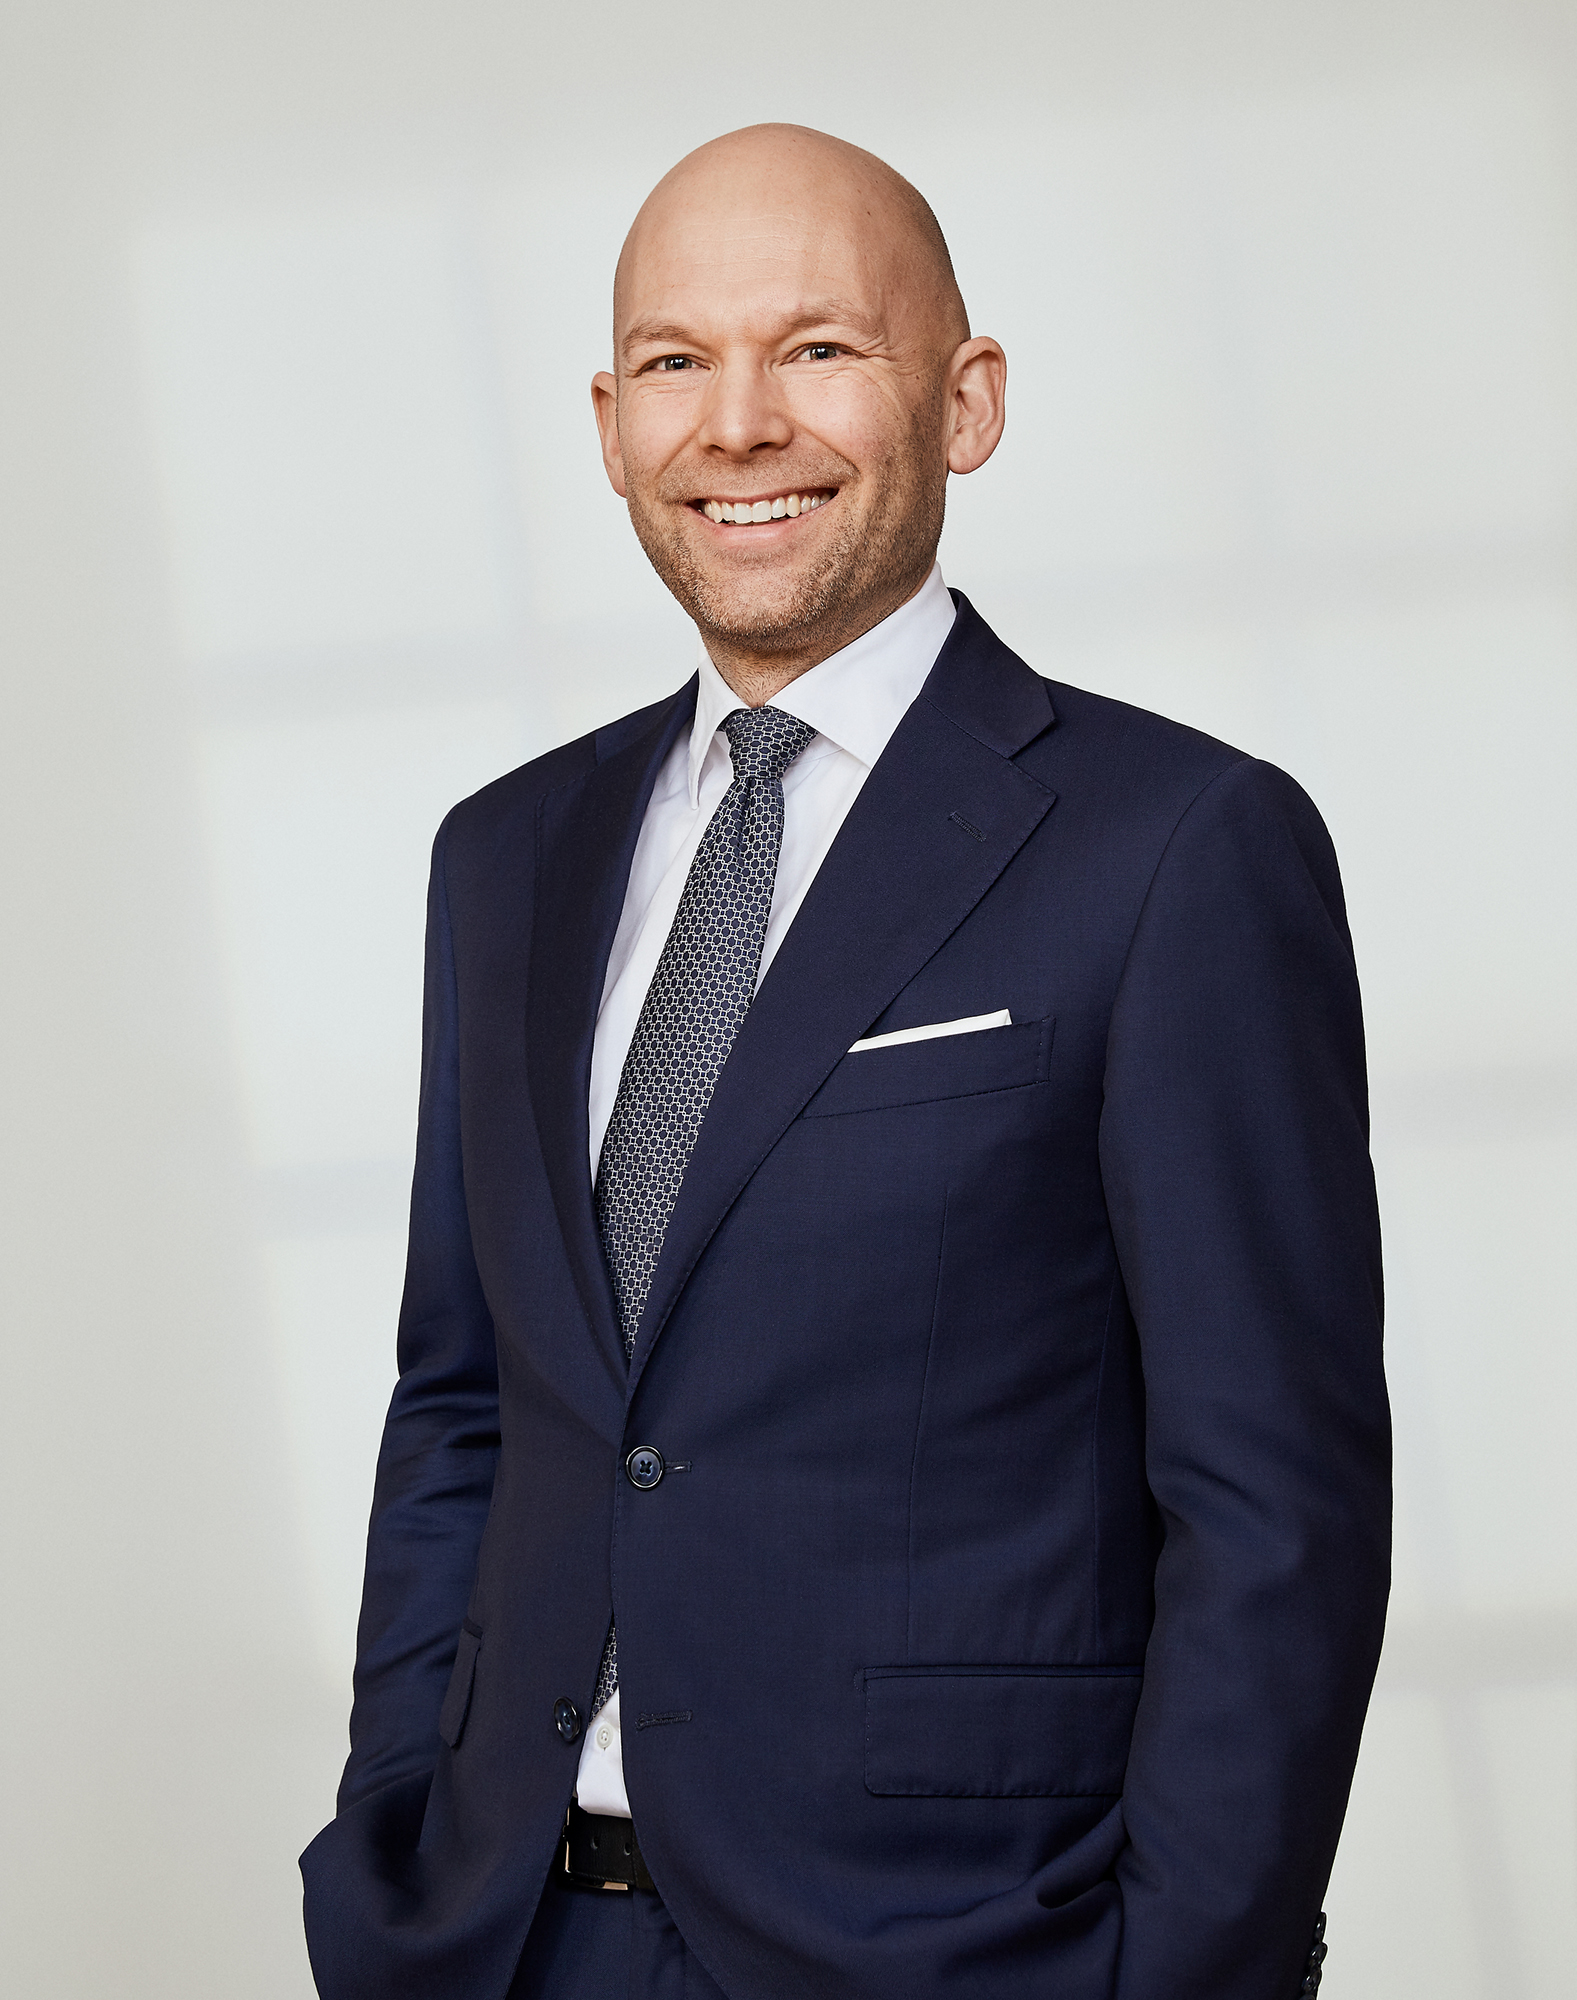 Gard A. Skogstrøm